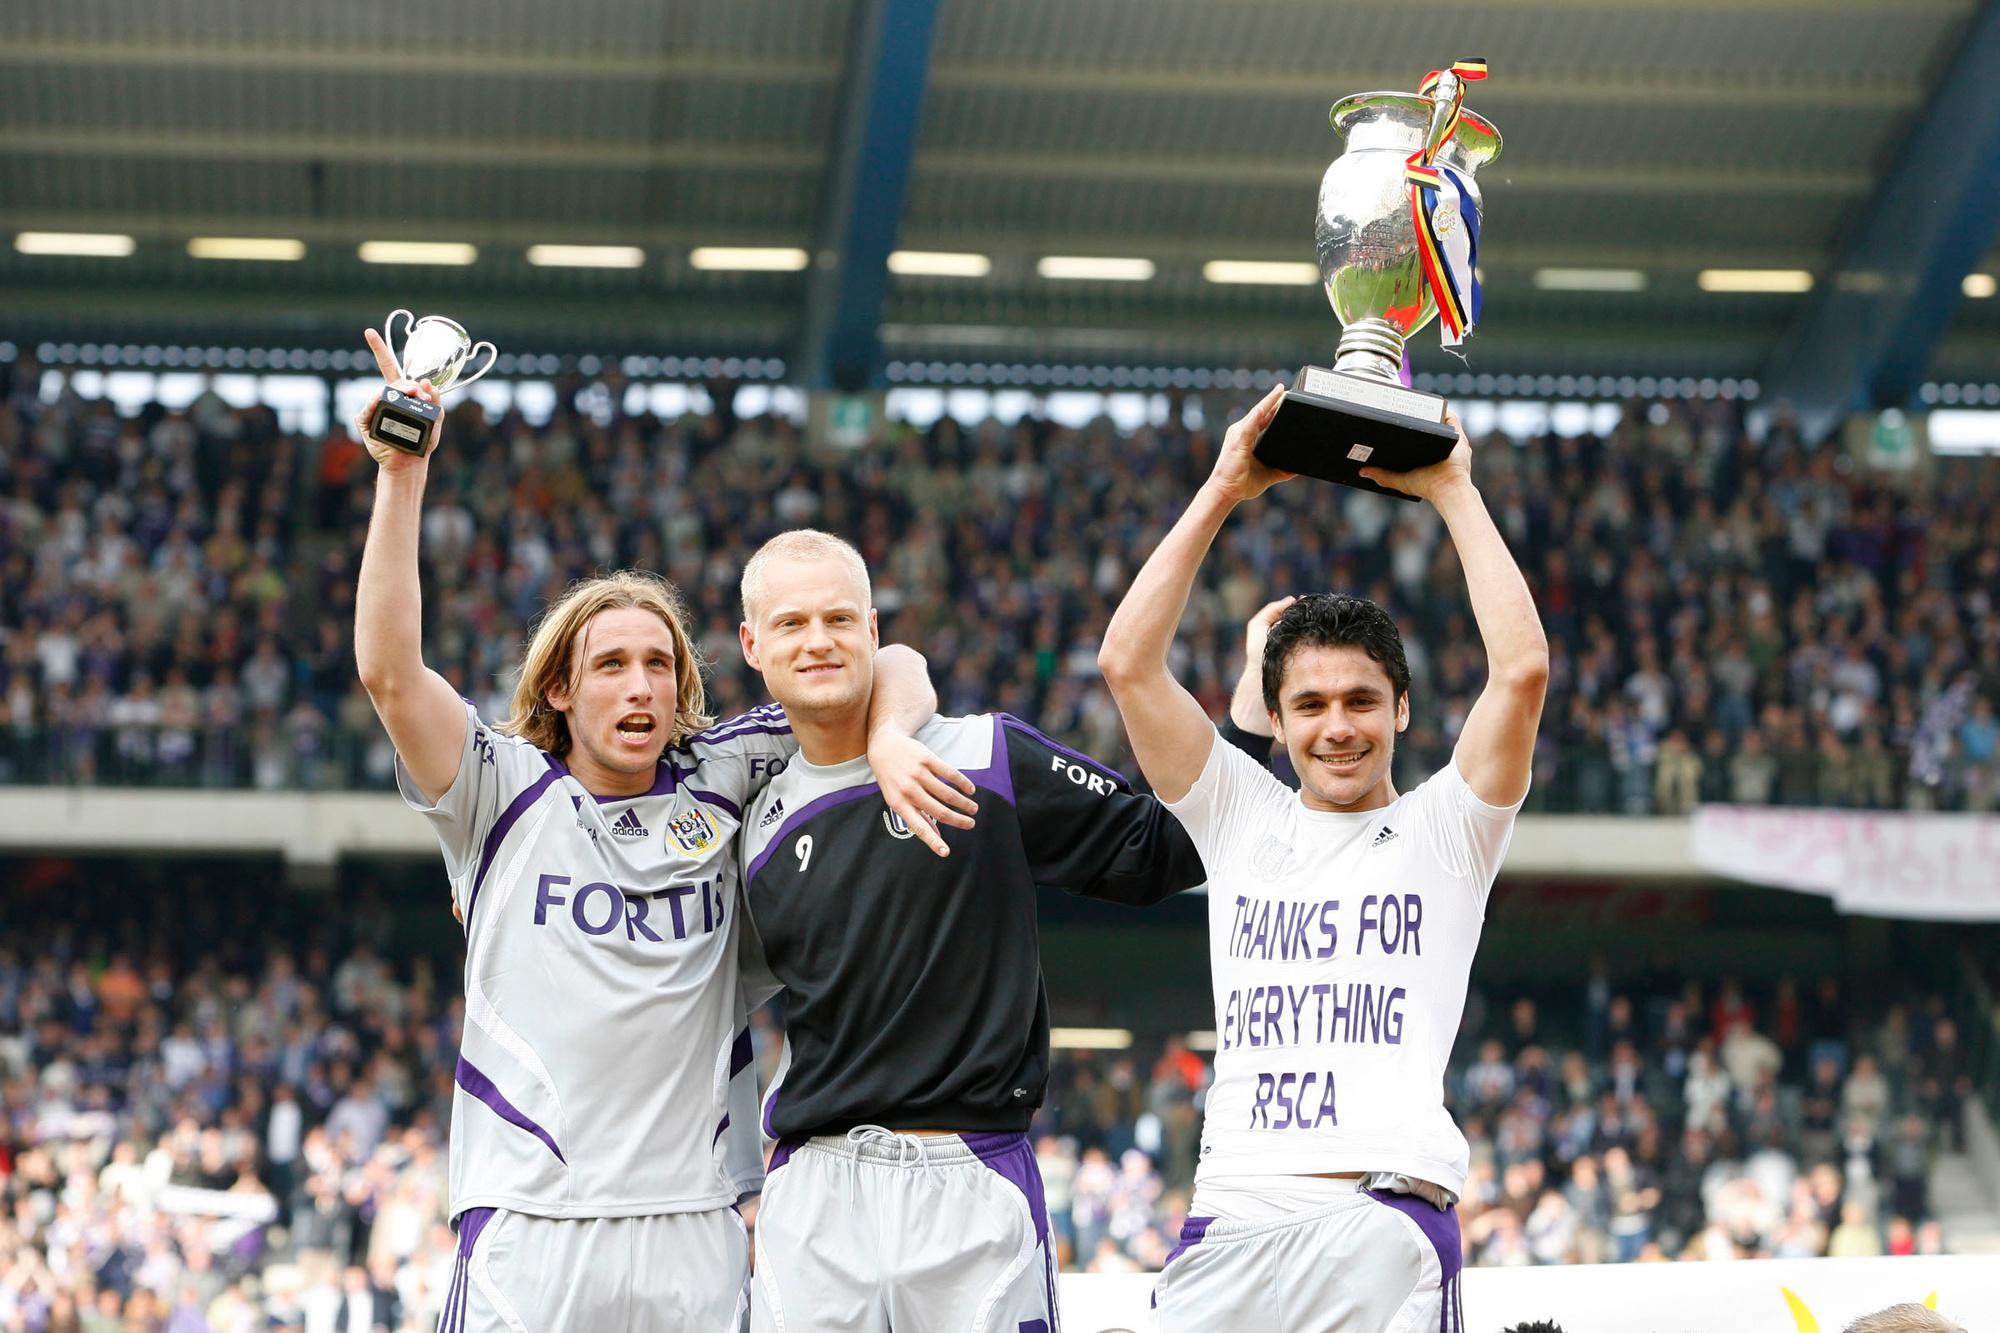 Ahmed Hassan won in 2008 de beker met Anderlecht. Ook op de foto: Lucas Biglia en Olivier Deschacht., Belga Image